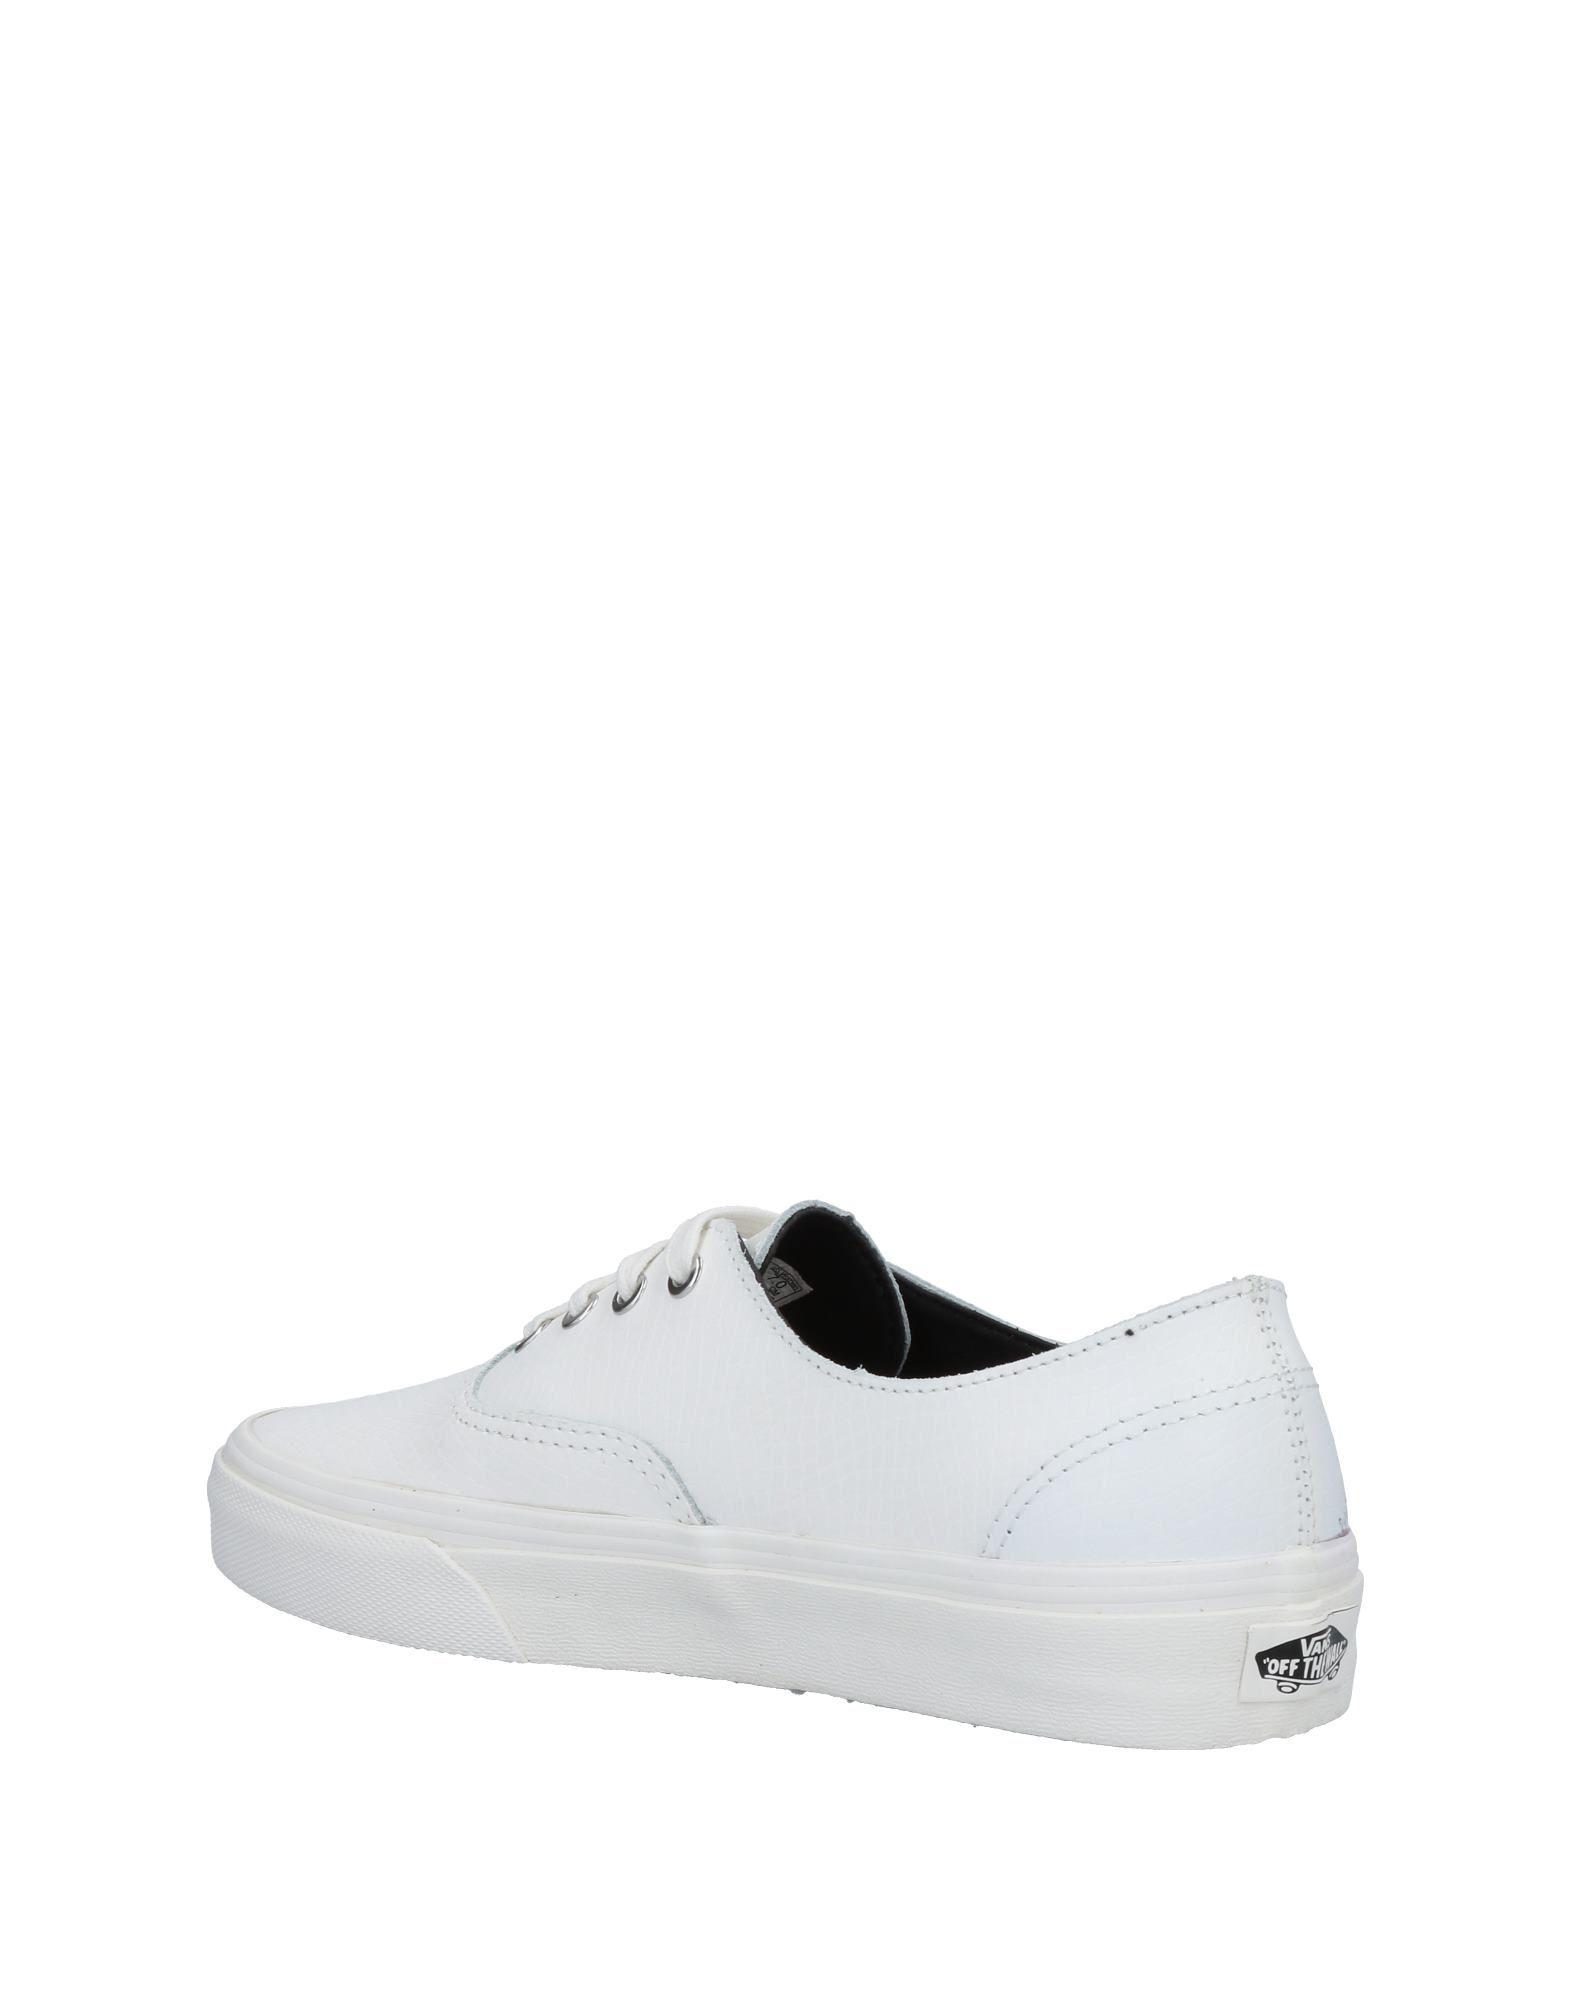 Vans Sneakers Damen Gutes Preis-Leistungs-Verhältnis, es lohnt sich sich lohnt 84ce42